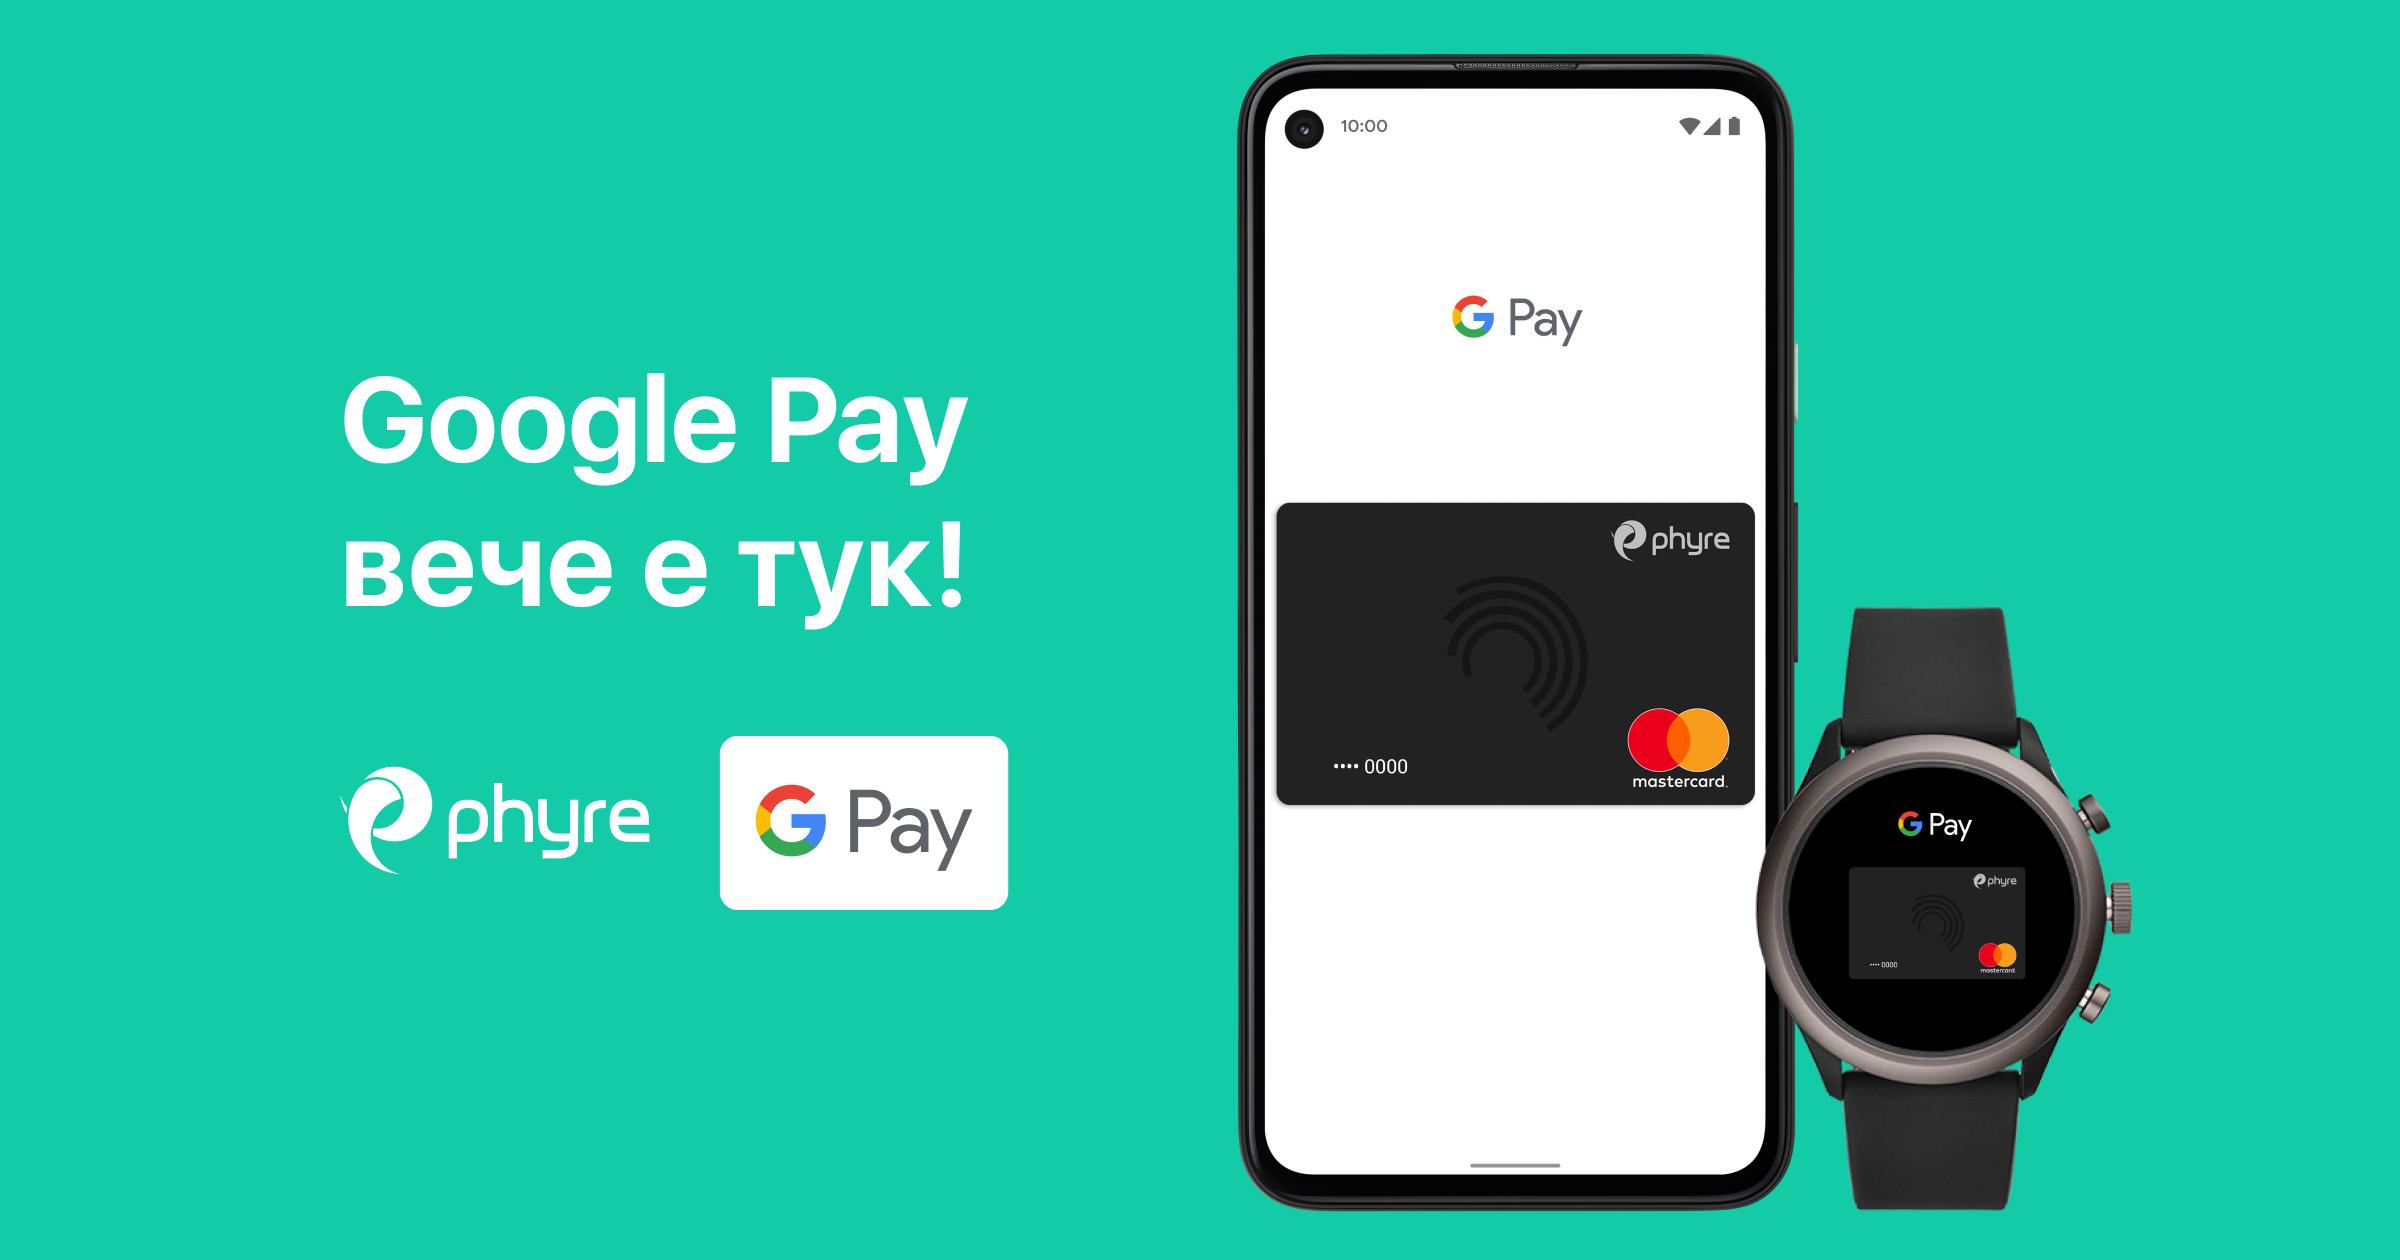 Google Pay Mastercard